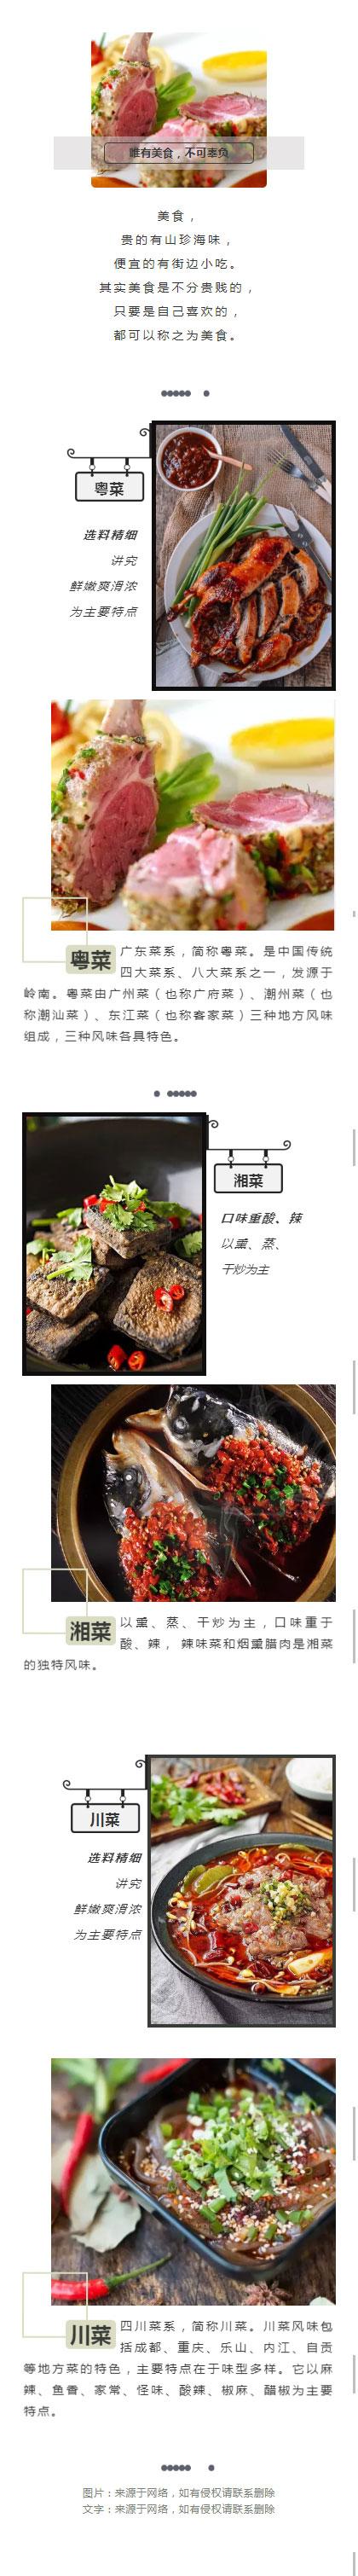 山珍海味街边小吃微信公众号图文美食模板